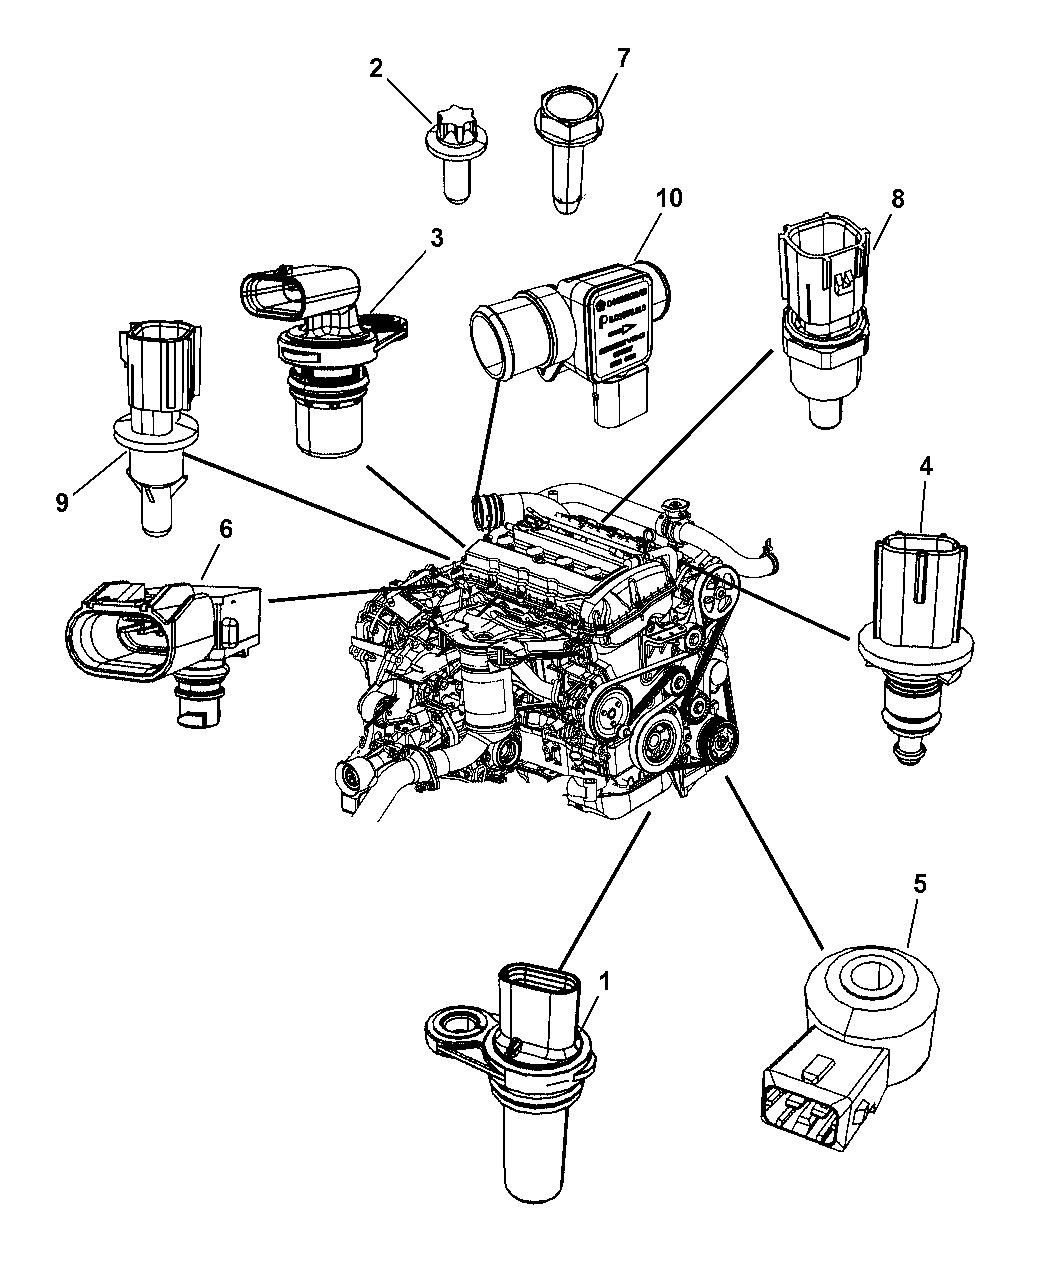 2009 Dodge Journey Sensors Engine Mopar Parts Giant Wiring Schematic Thumbnail 1